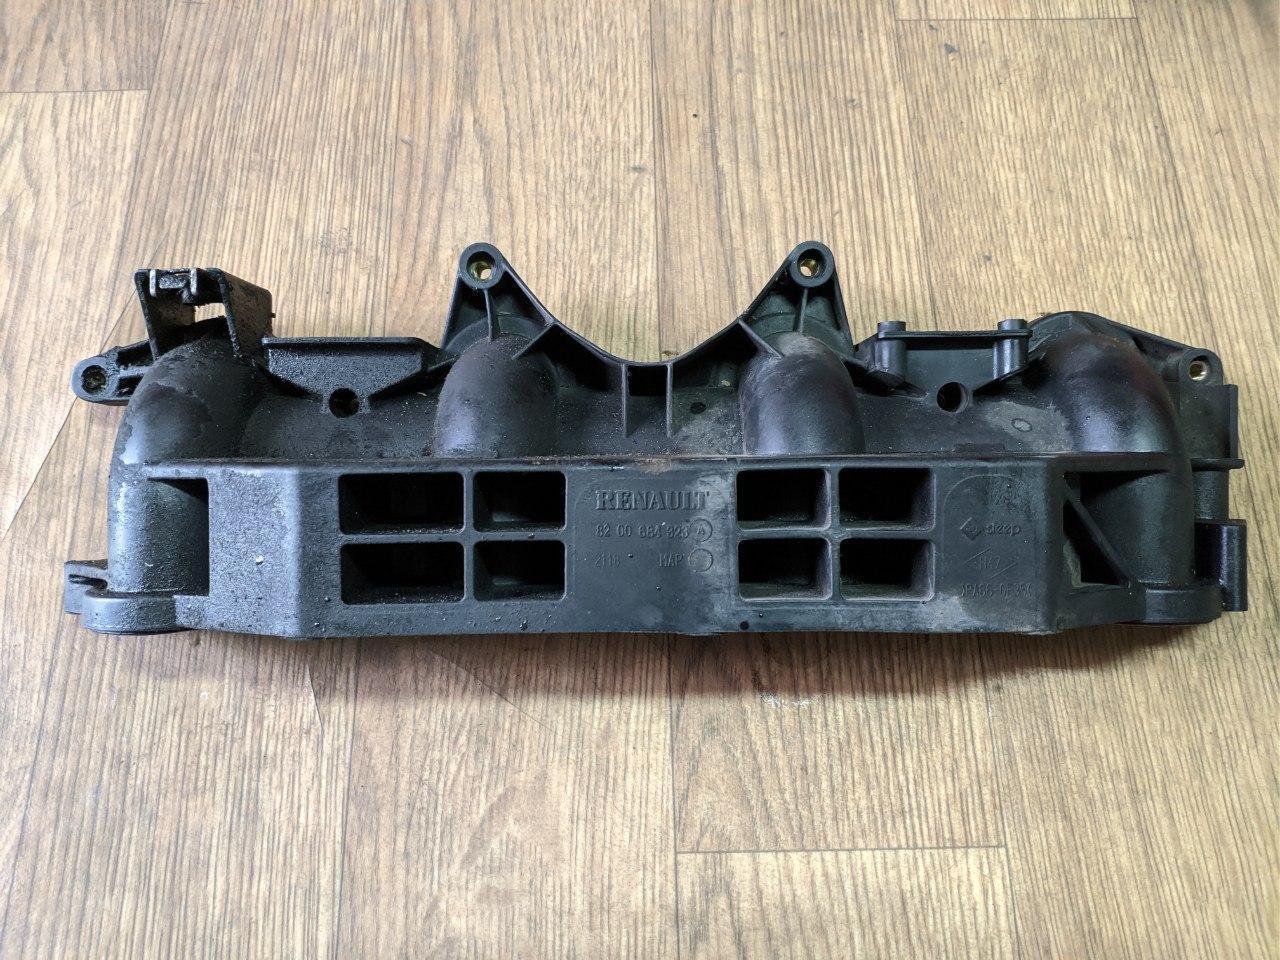 Коллектор впускной (пластиковый) Renault Trafic, Opel Vivaro 2.5, 2003-2014, 8200684323 (Б/У)